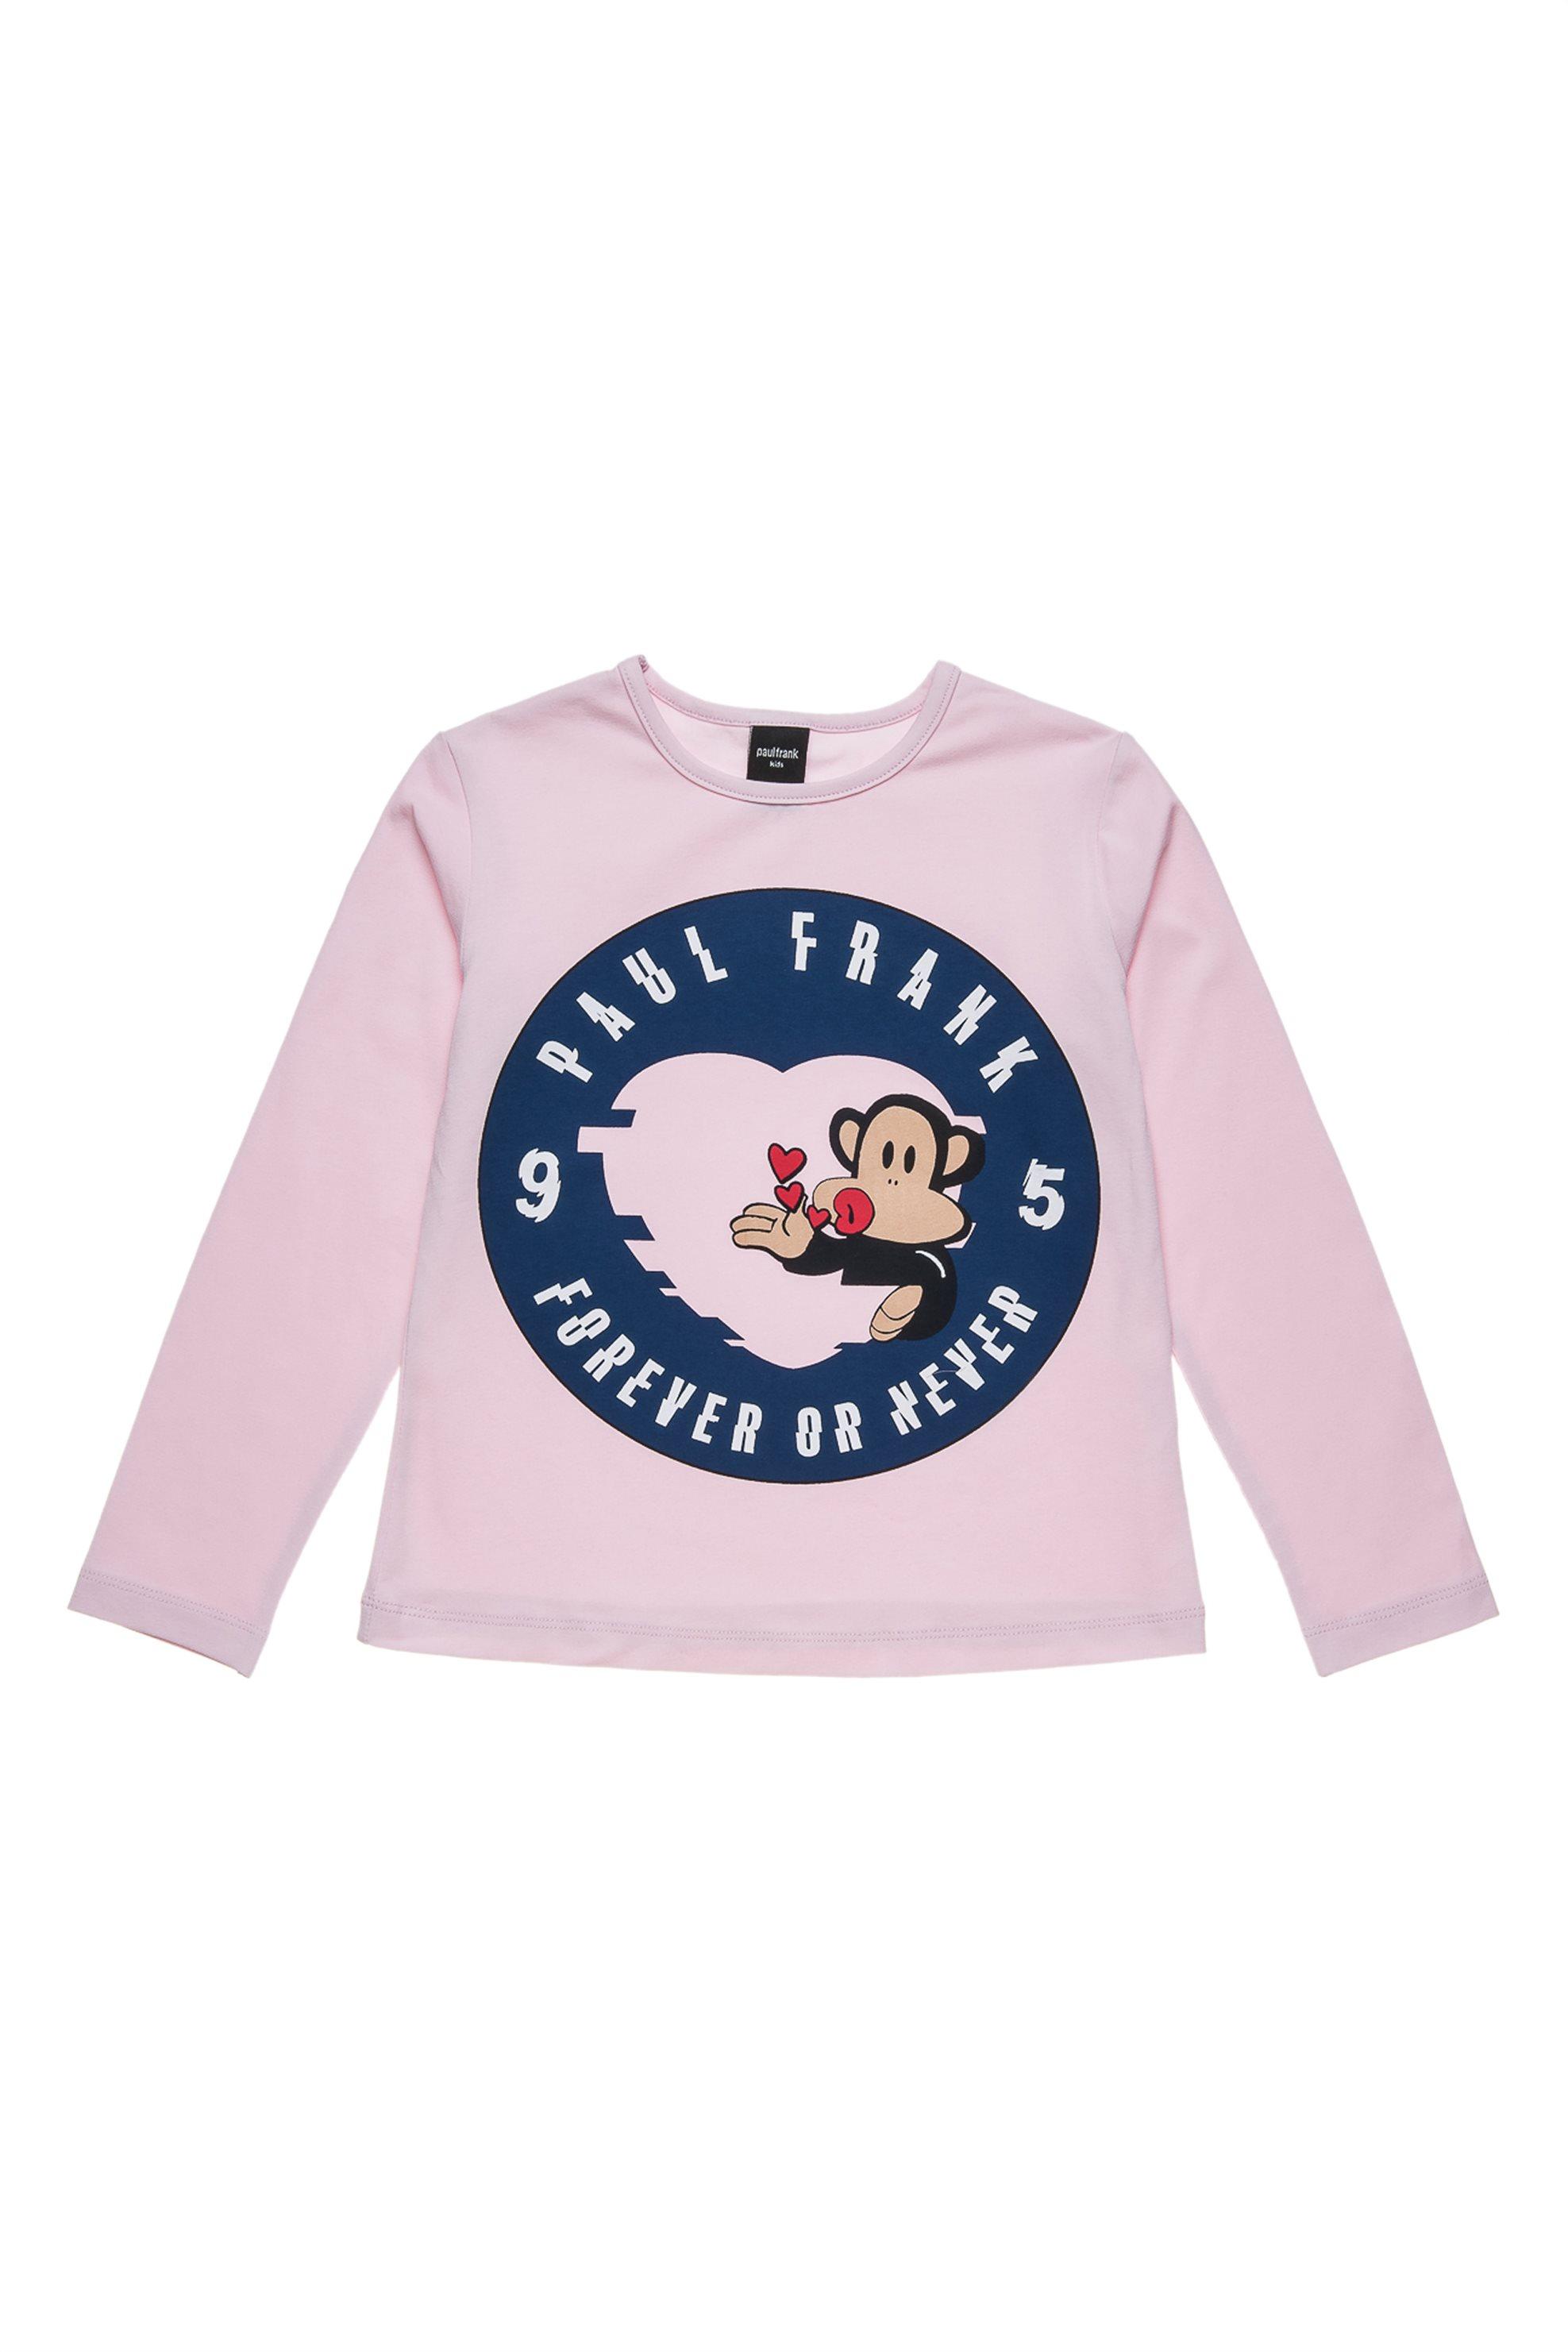 Παιδική μπλούζα Forever or never (6-14 ετών) Paul Frank Collection - 00121287 -  παιδι   κοριτσι   4 14 ετων   tops   παντελόνια   μπλούζες   πουκάμισα   μπλούζε